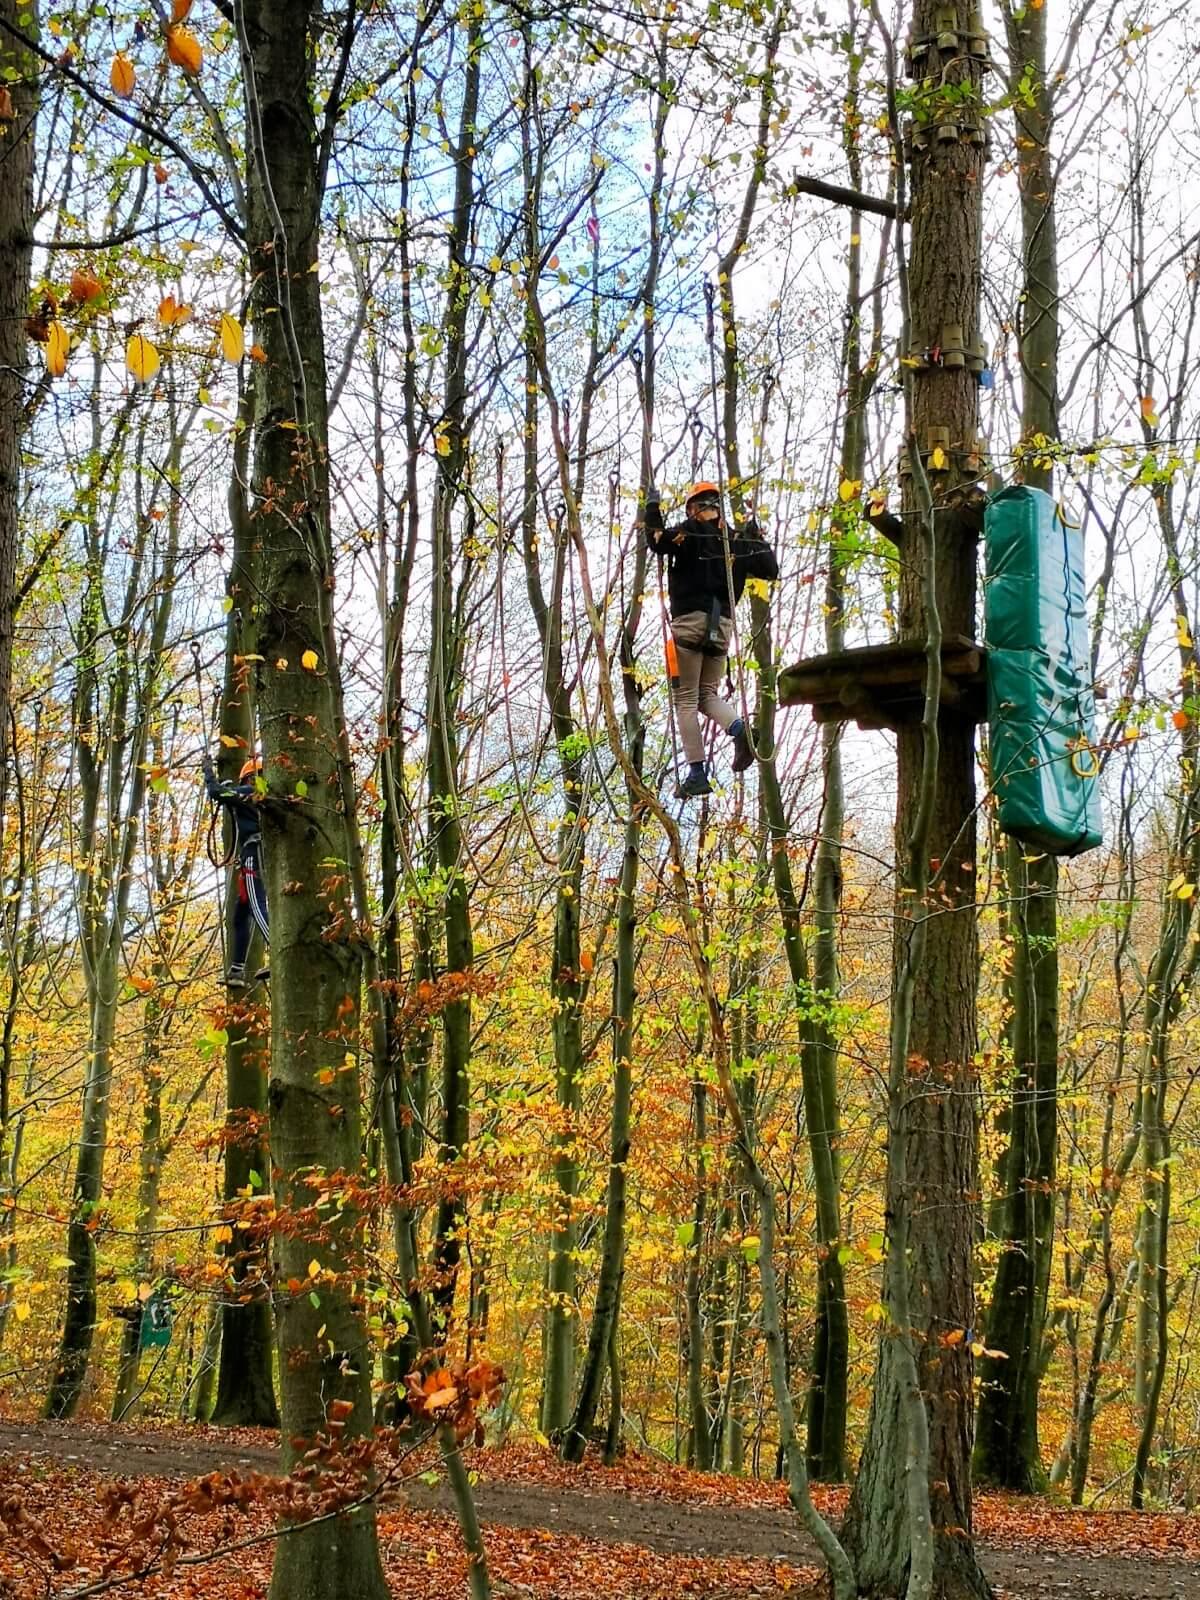 viaggiare-zaino-in-spalla-percorso-arrampicata-camp-adventure-danimarca-3